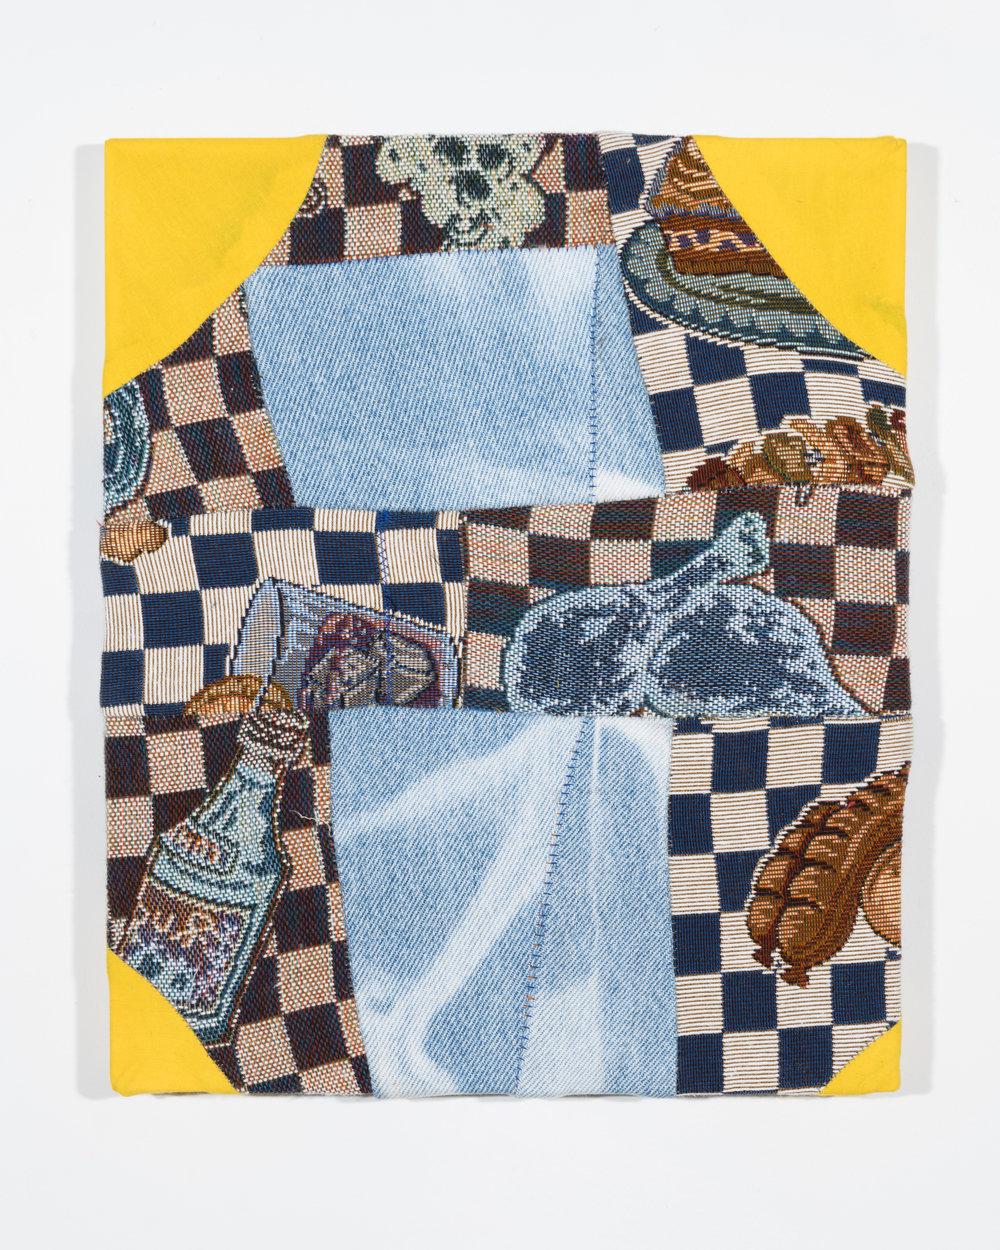 046-Bruno Smith.jpg